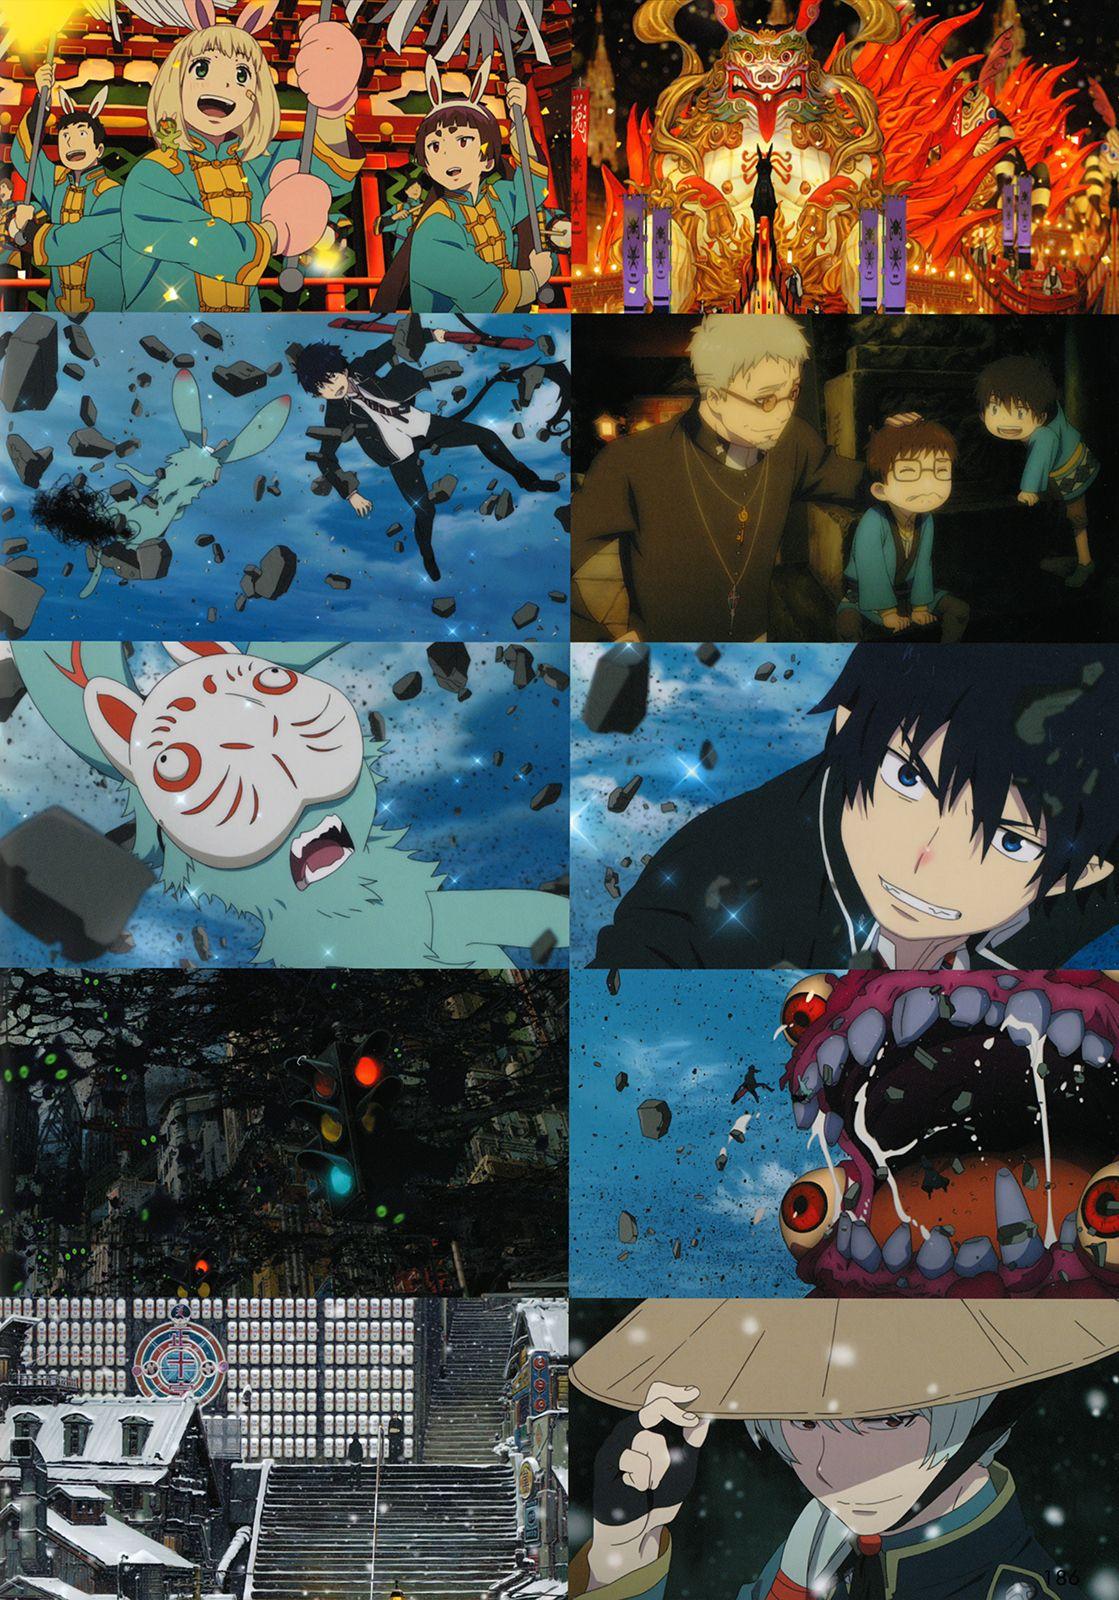 artbooksNAT Blue exorcist movie, Blue exorcist, Anime